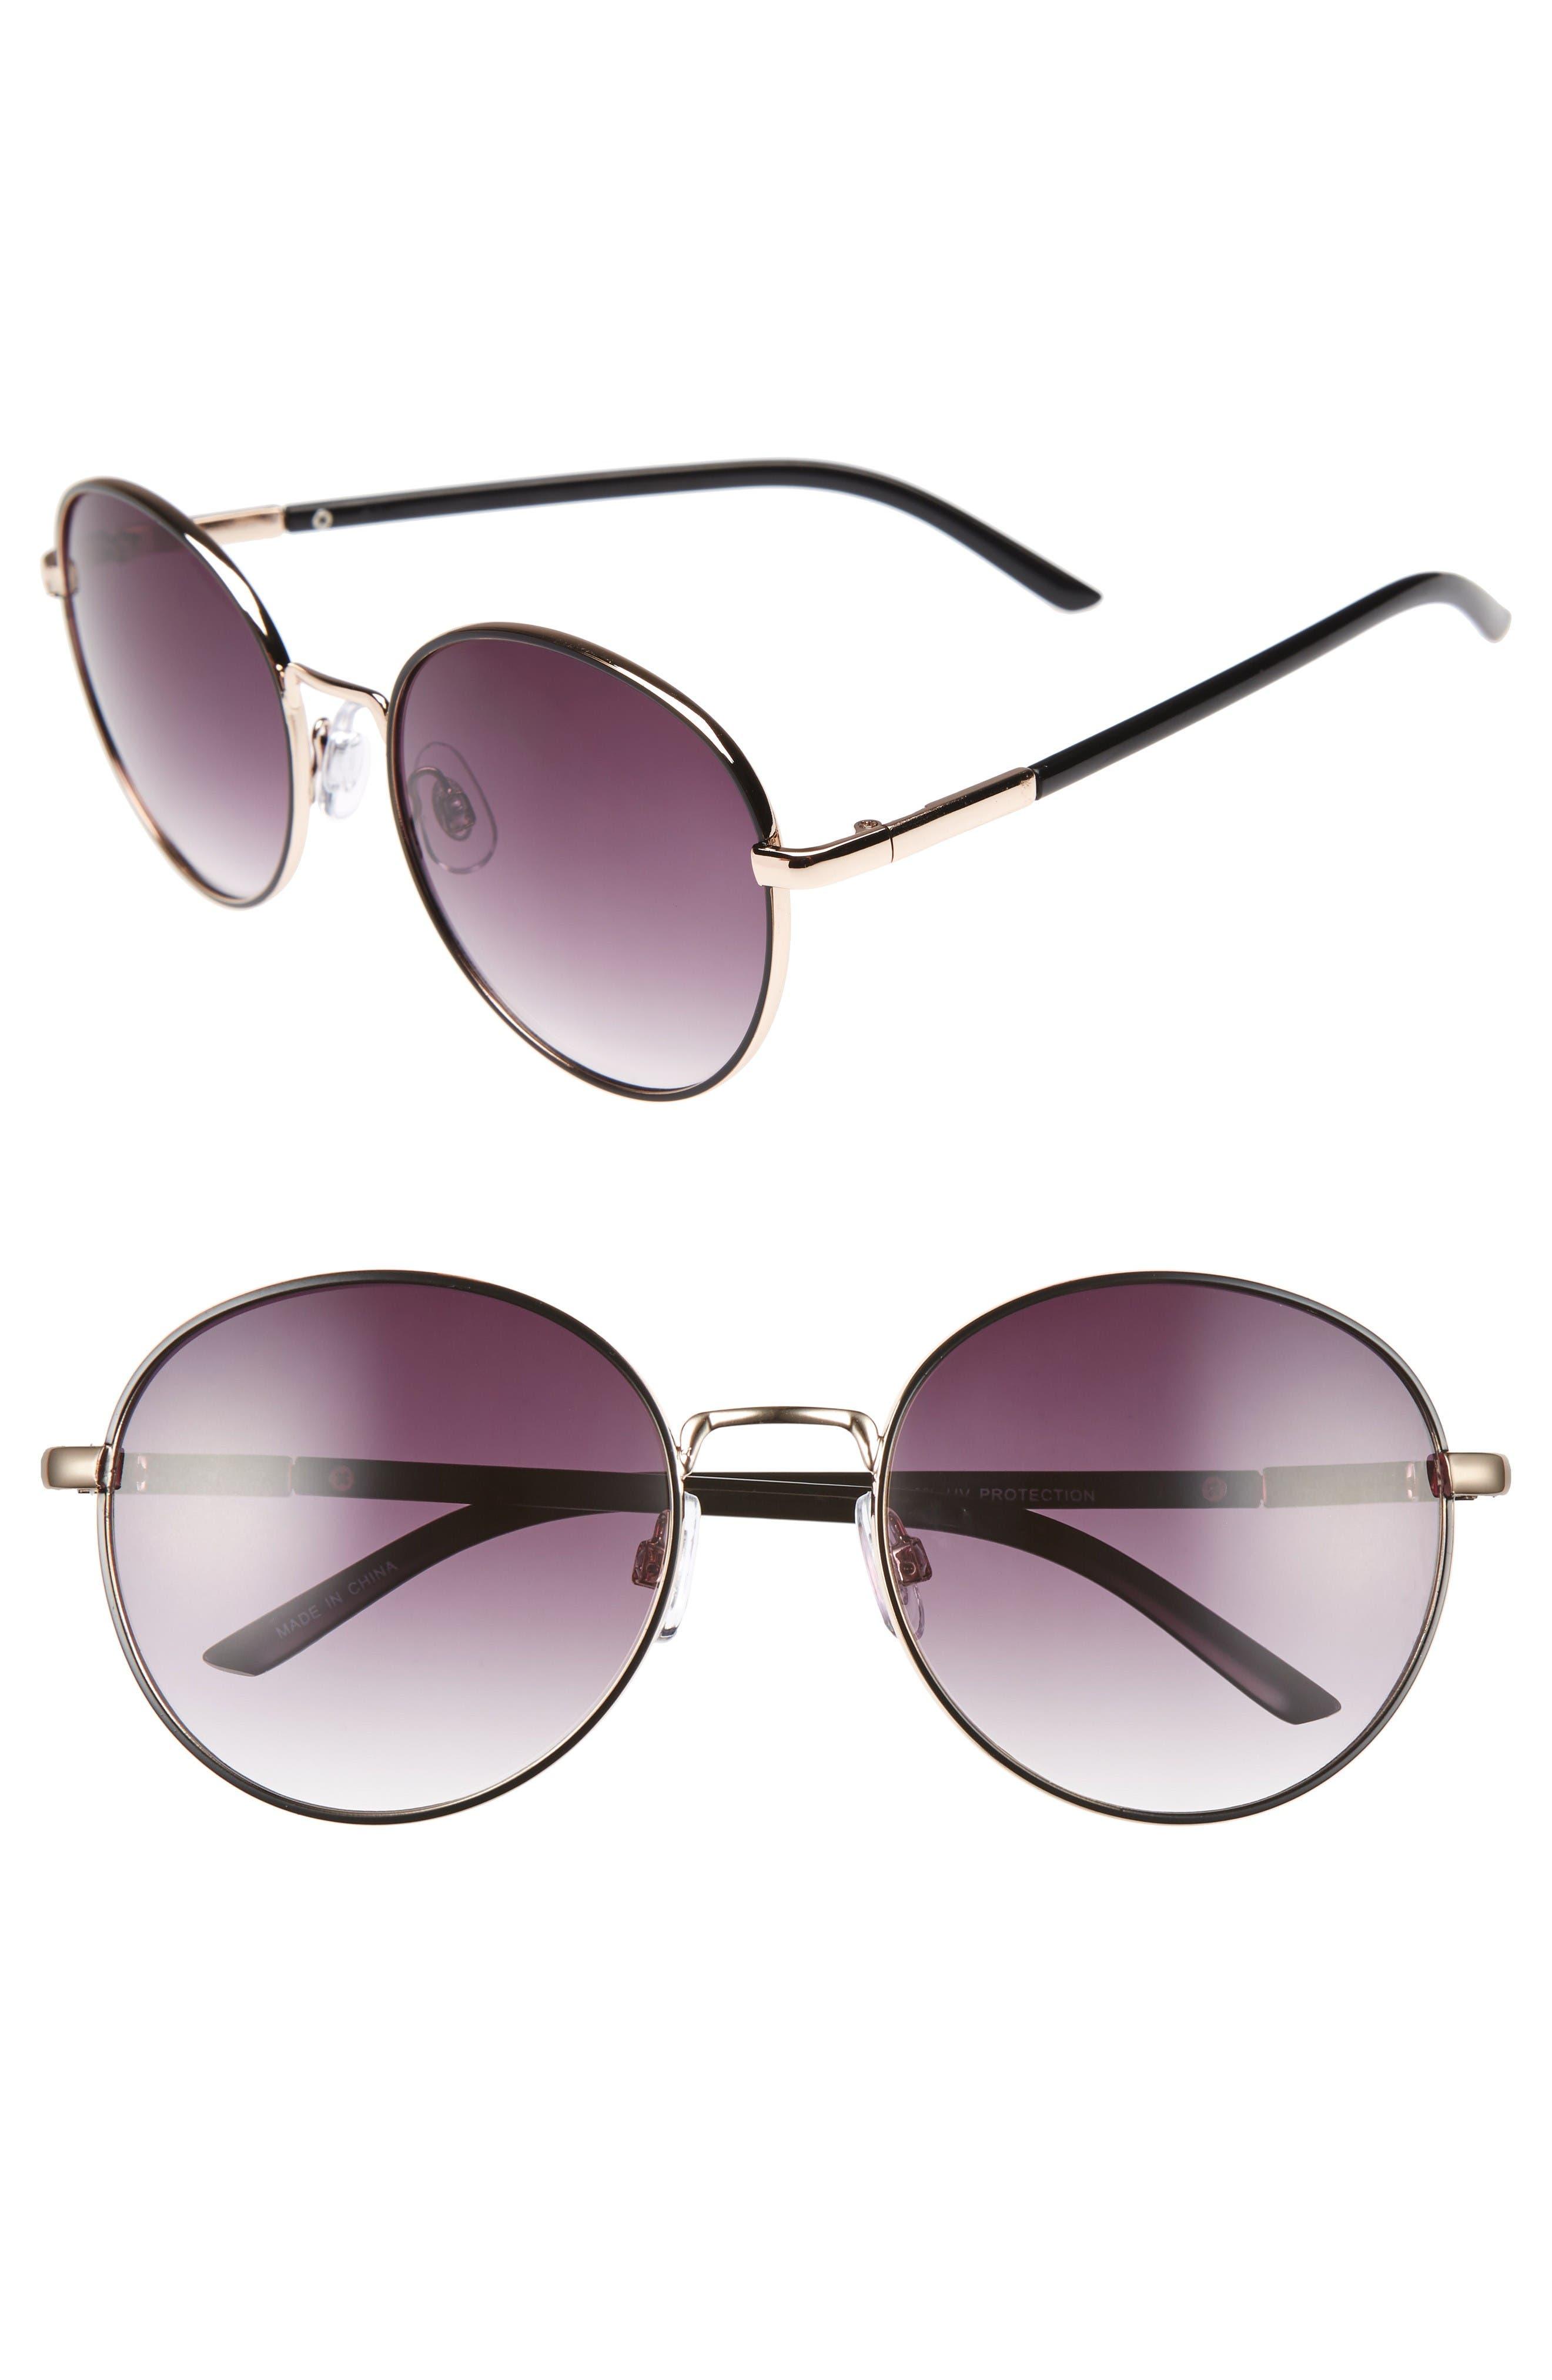 Main Image - BP. 55mm Round Sunglasses